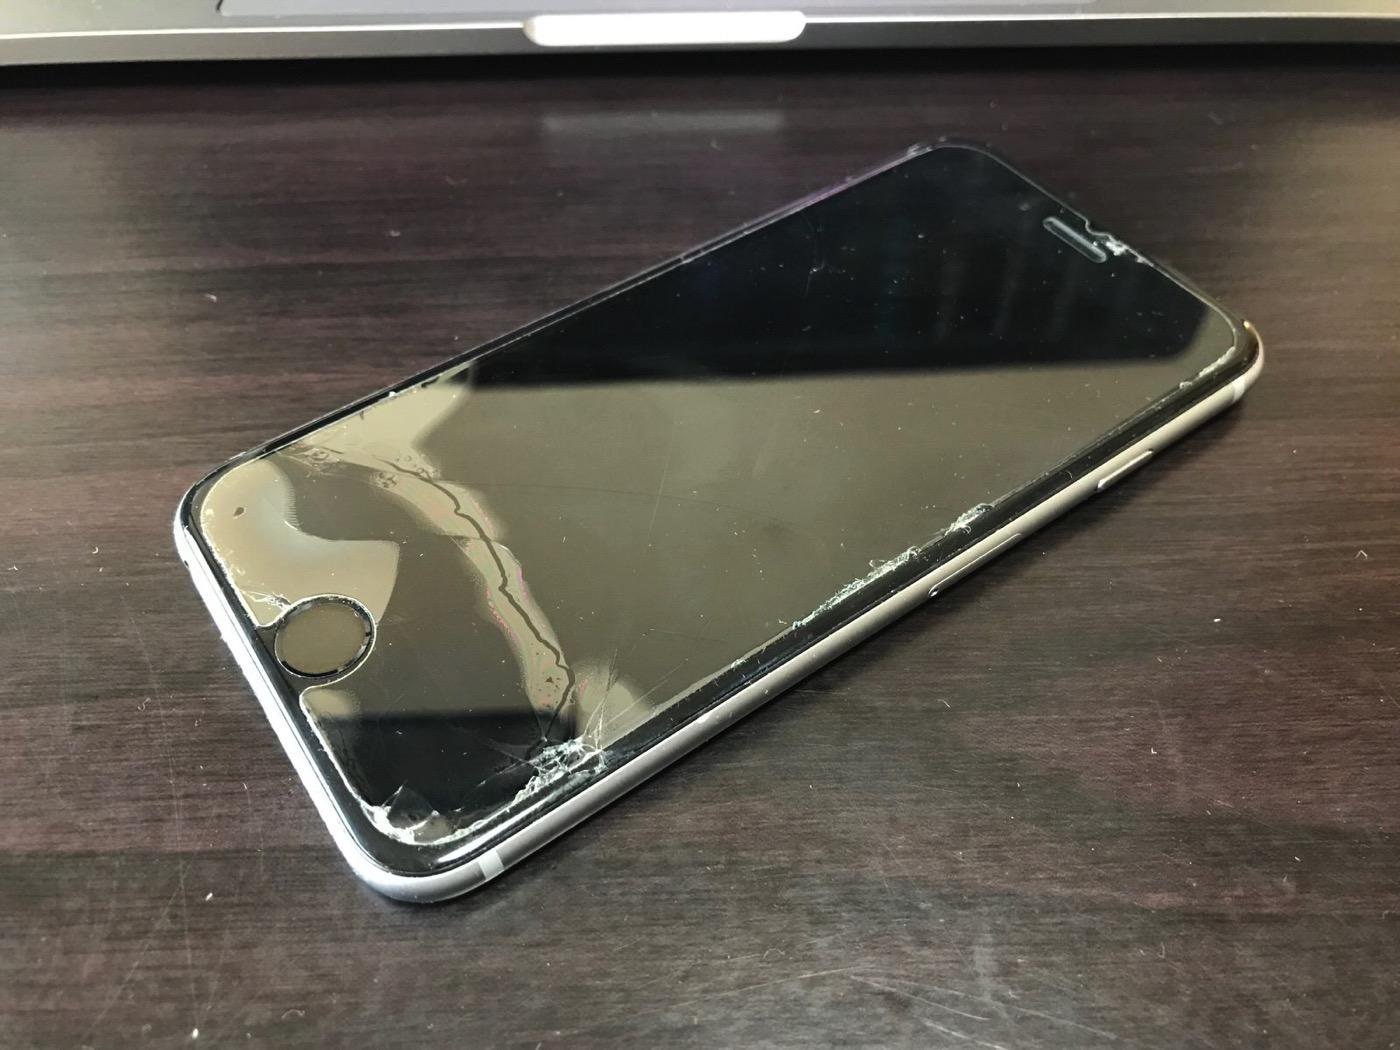 Ryo_iPhone 6s-1